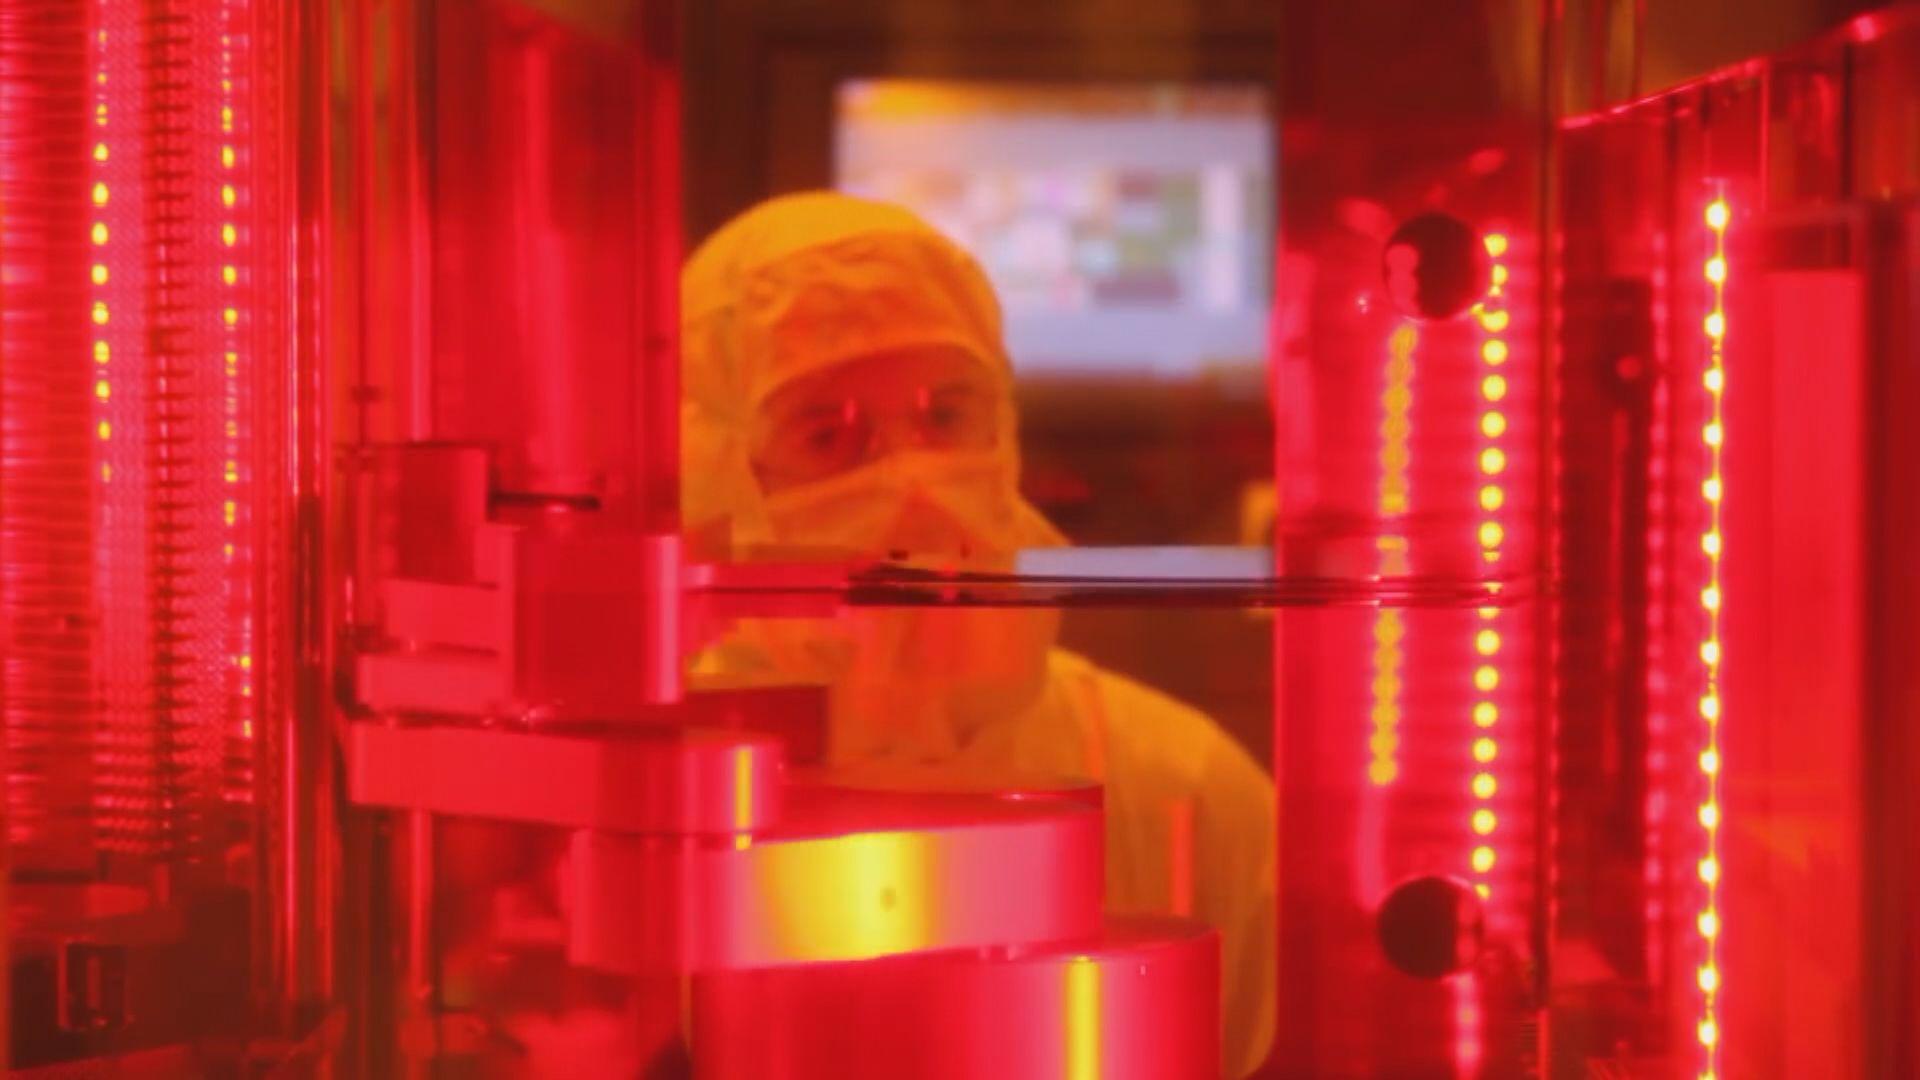 【疫情持續】華為工廠部分復產 中芯工廠正常營運